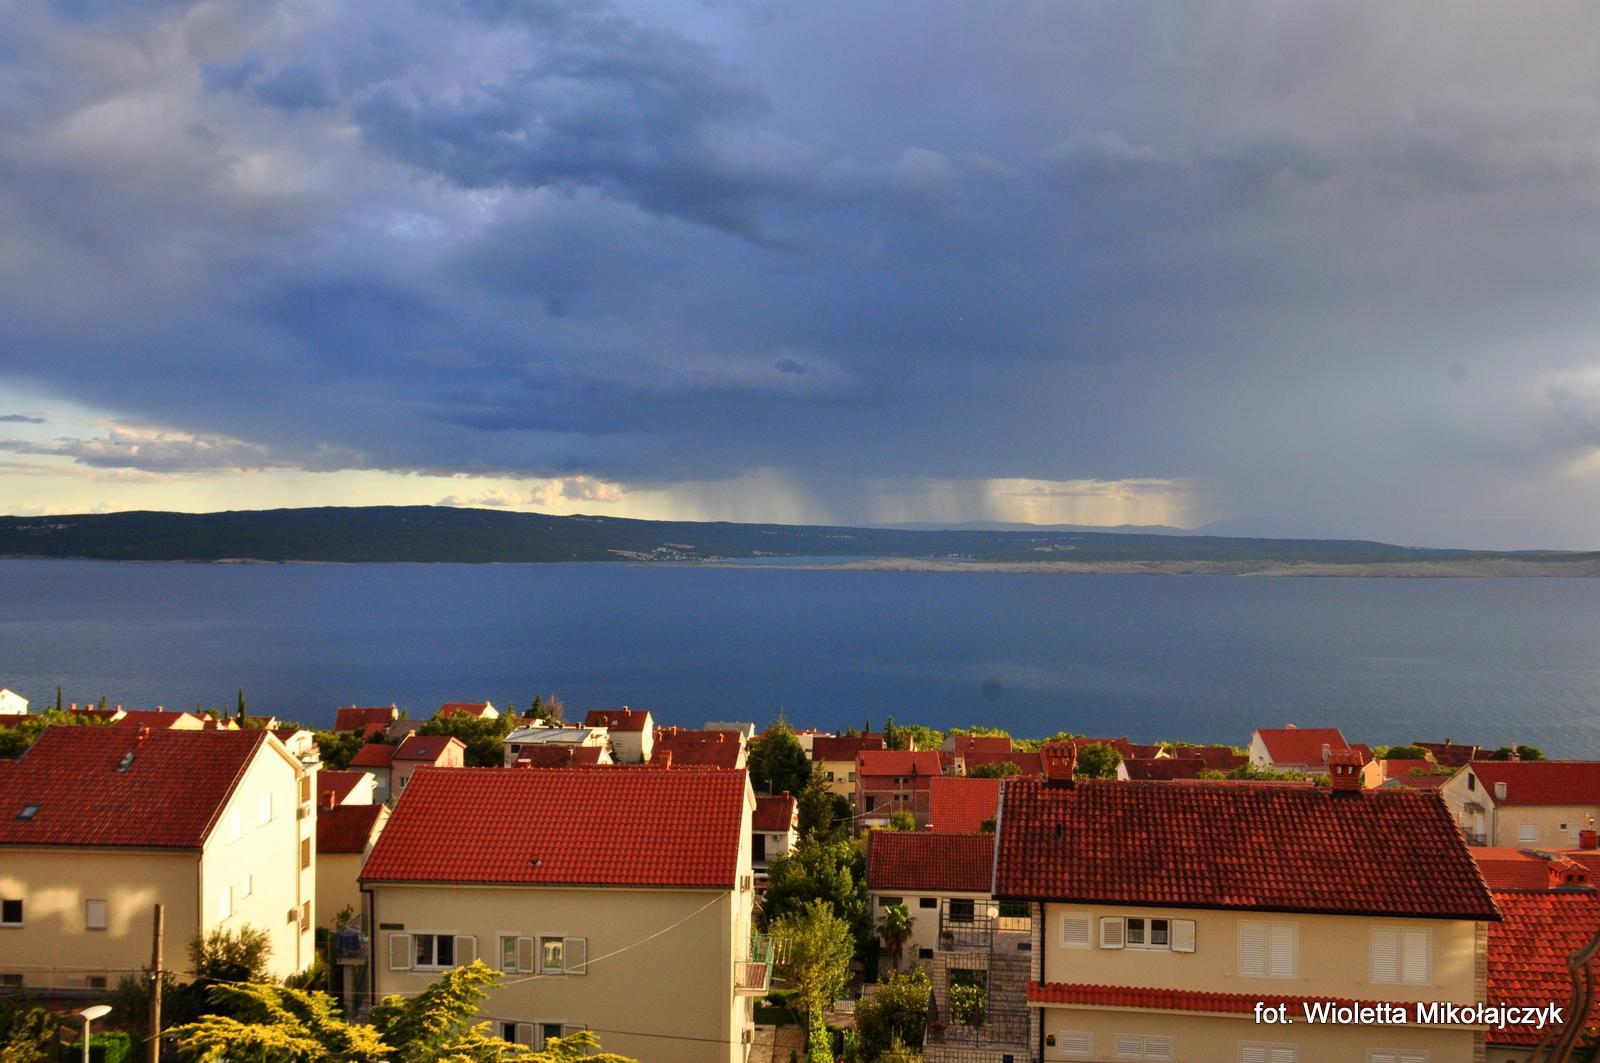 Deszczowa Chorwacja- obrazki, których nie zobaczysz w katalogu biura podróży!